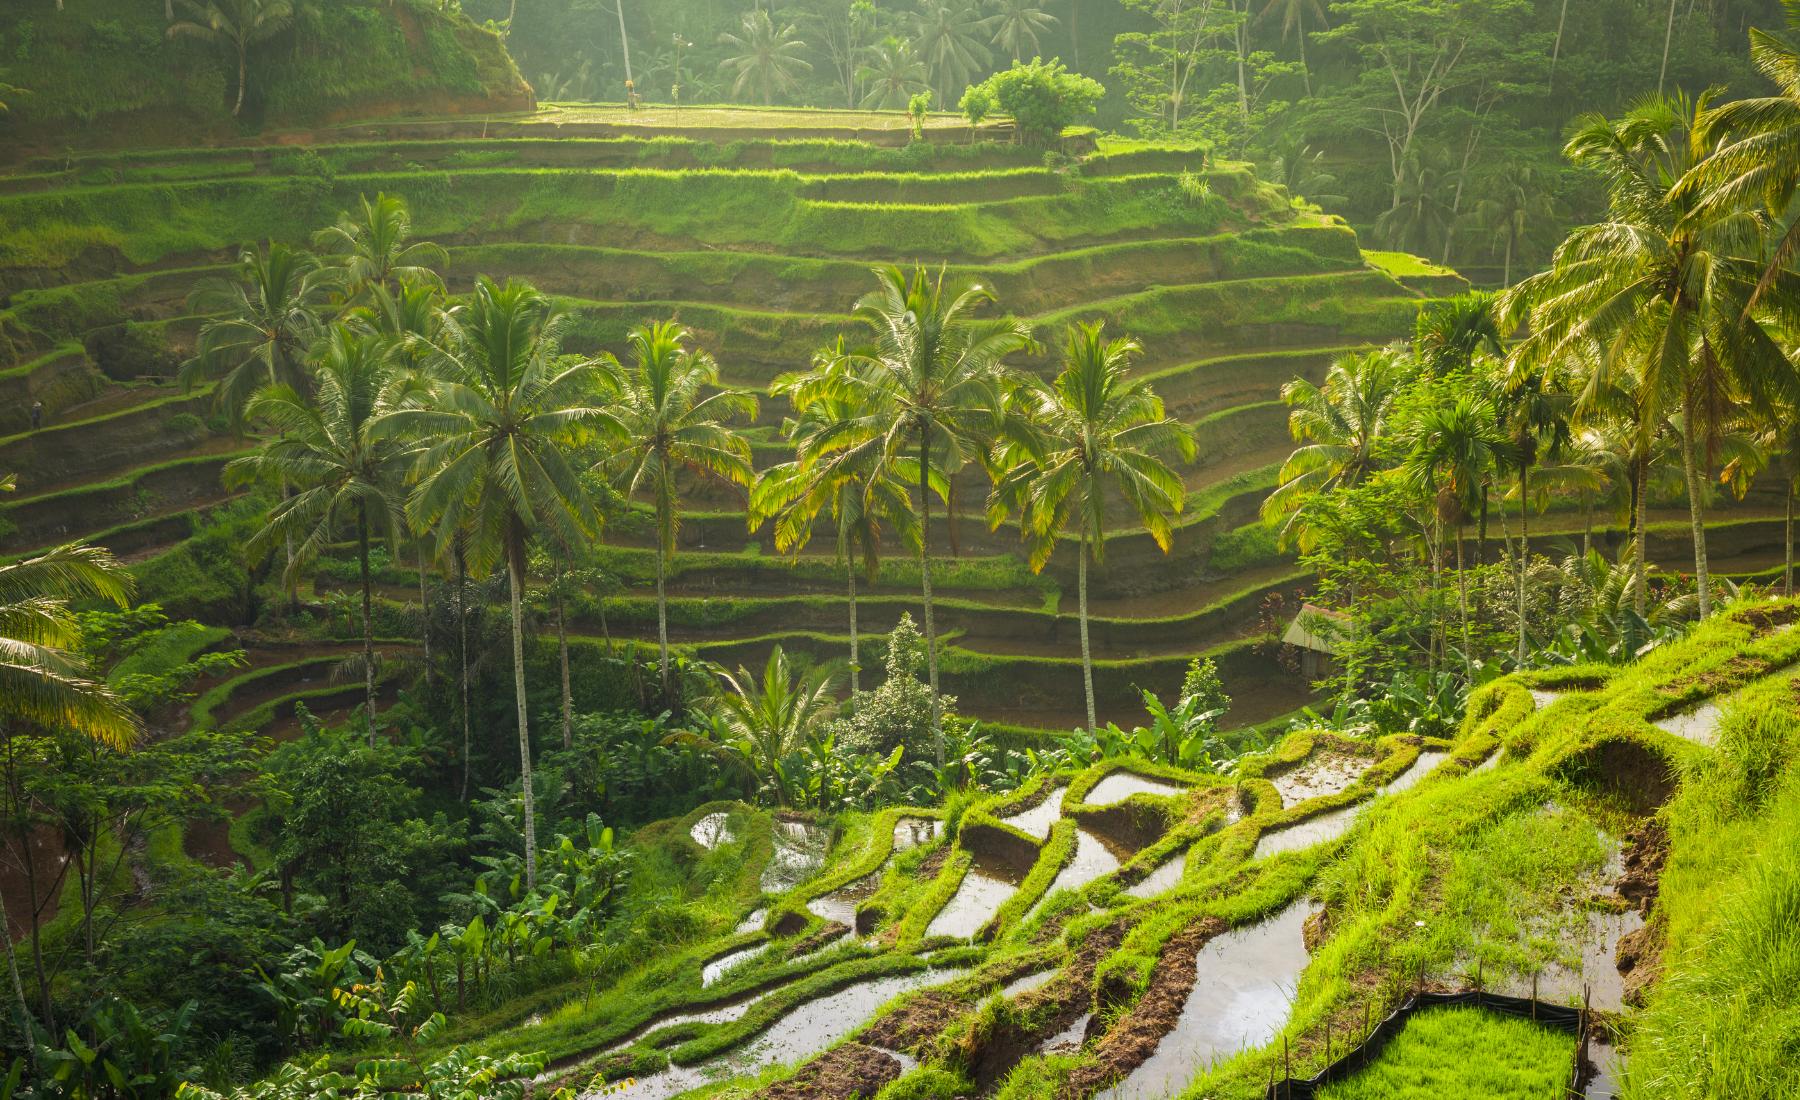 De highlights van het geliefde Bali